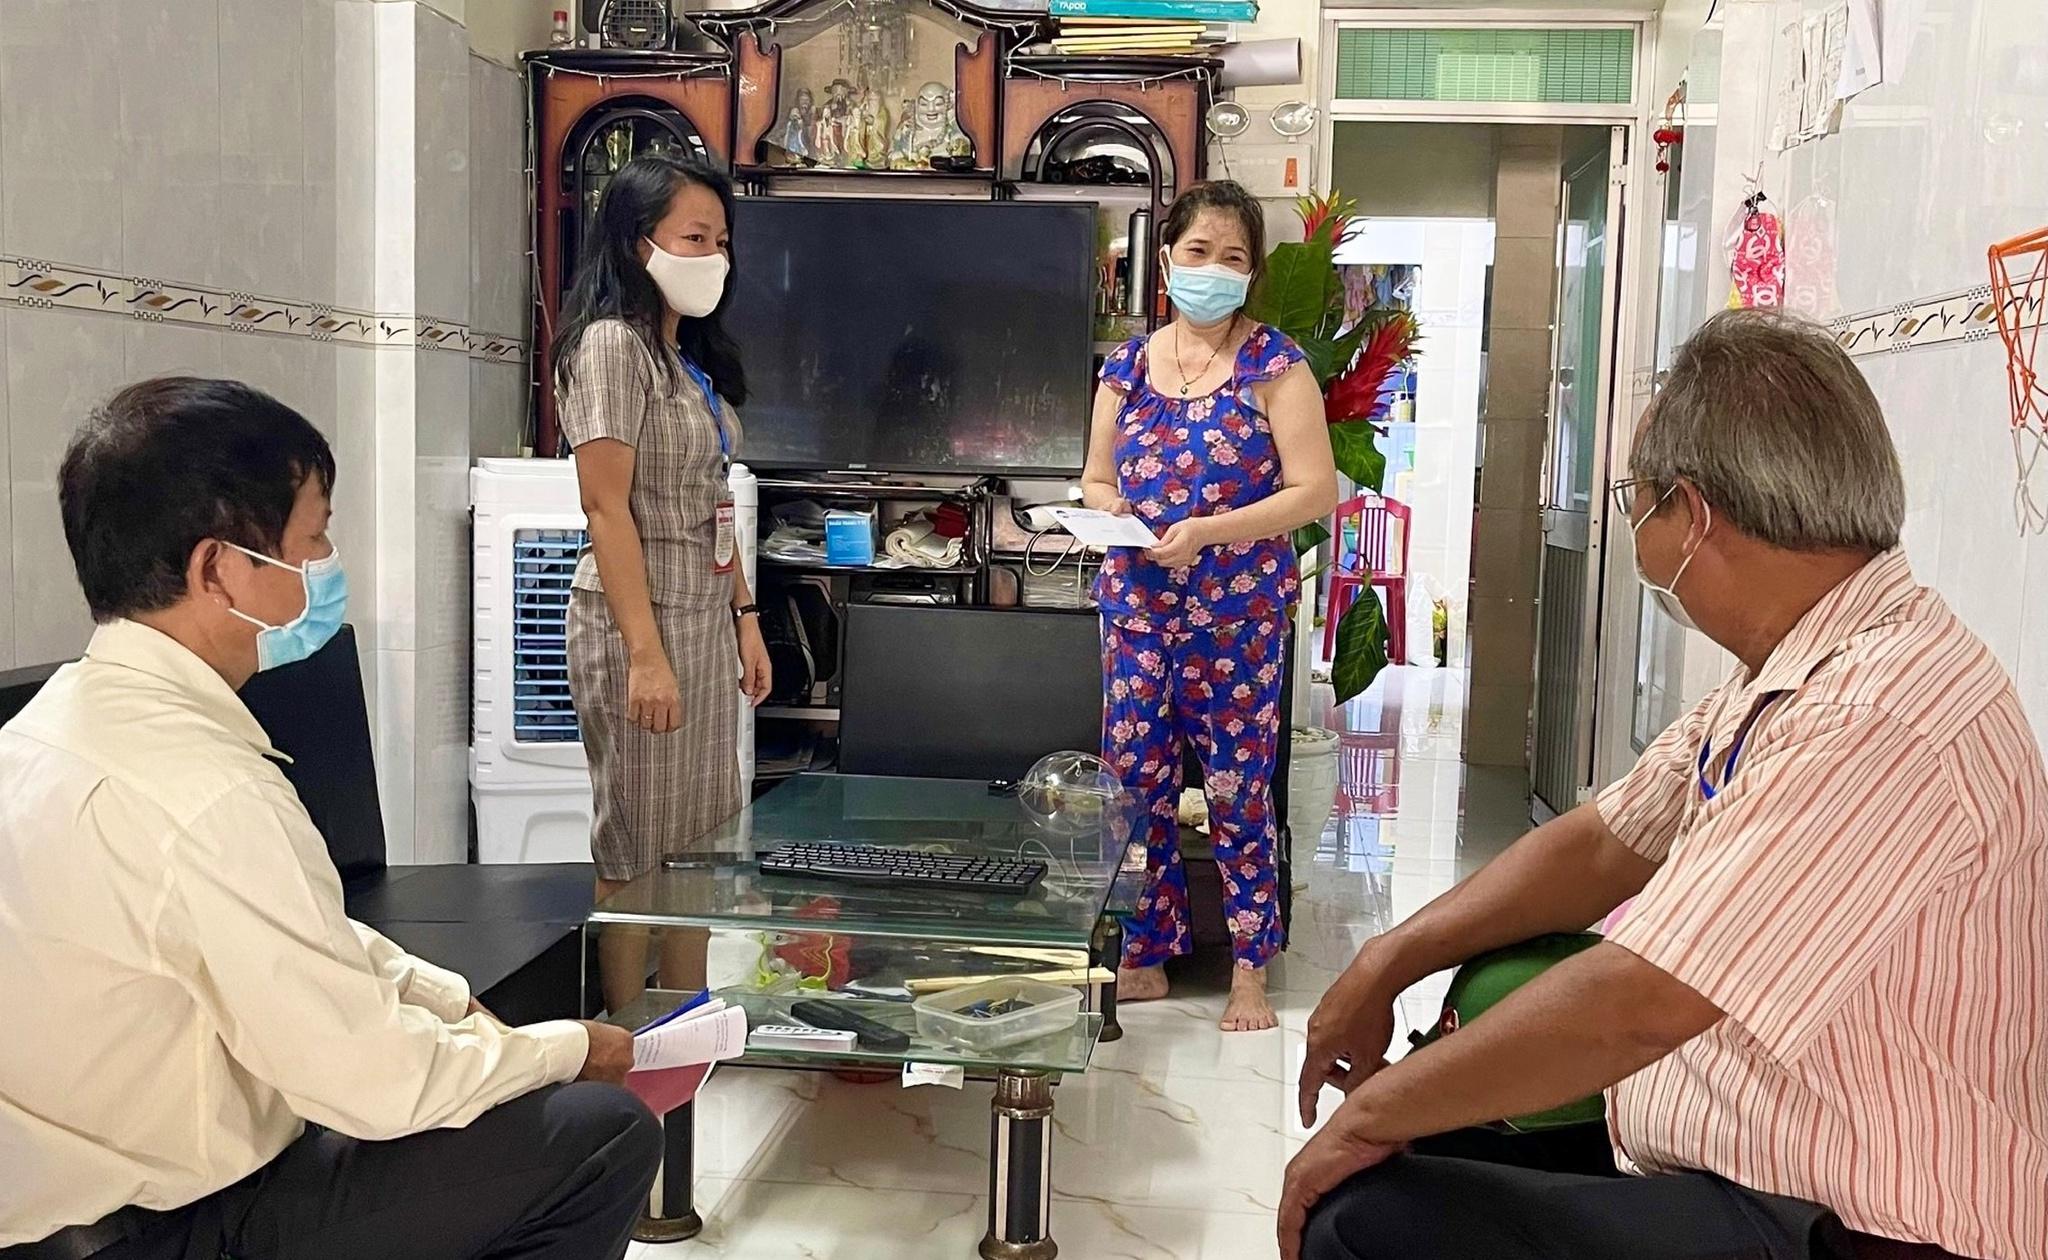 Dù ung thư vẫn đi giúp dân, bác trưởng ban mặt trận một khu dân cư ở Đà Nẵng kiệt sức ngất xỉu ngay tại chốt kiểm tra